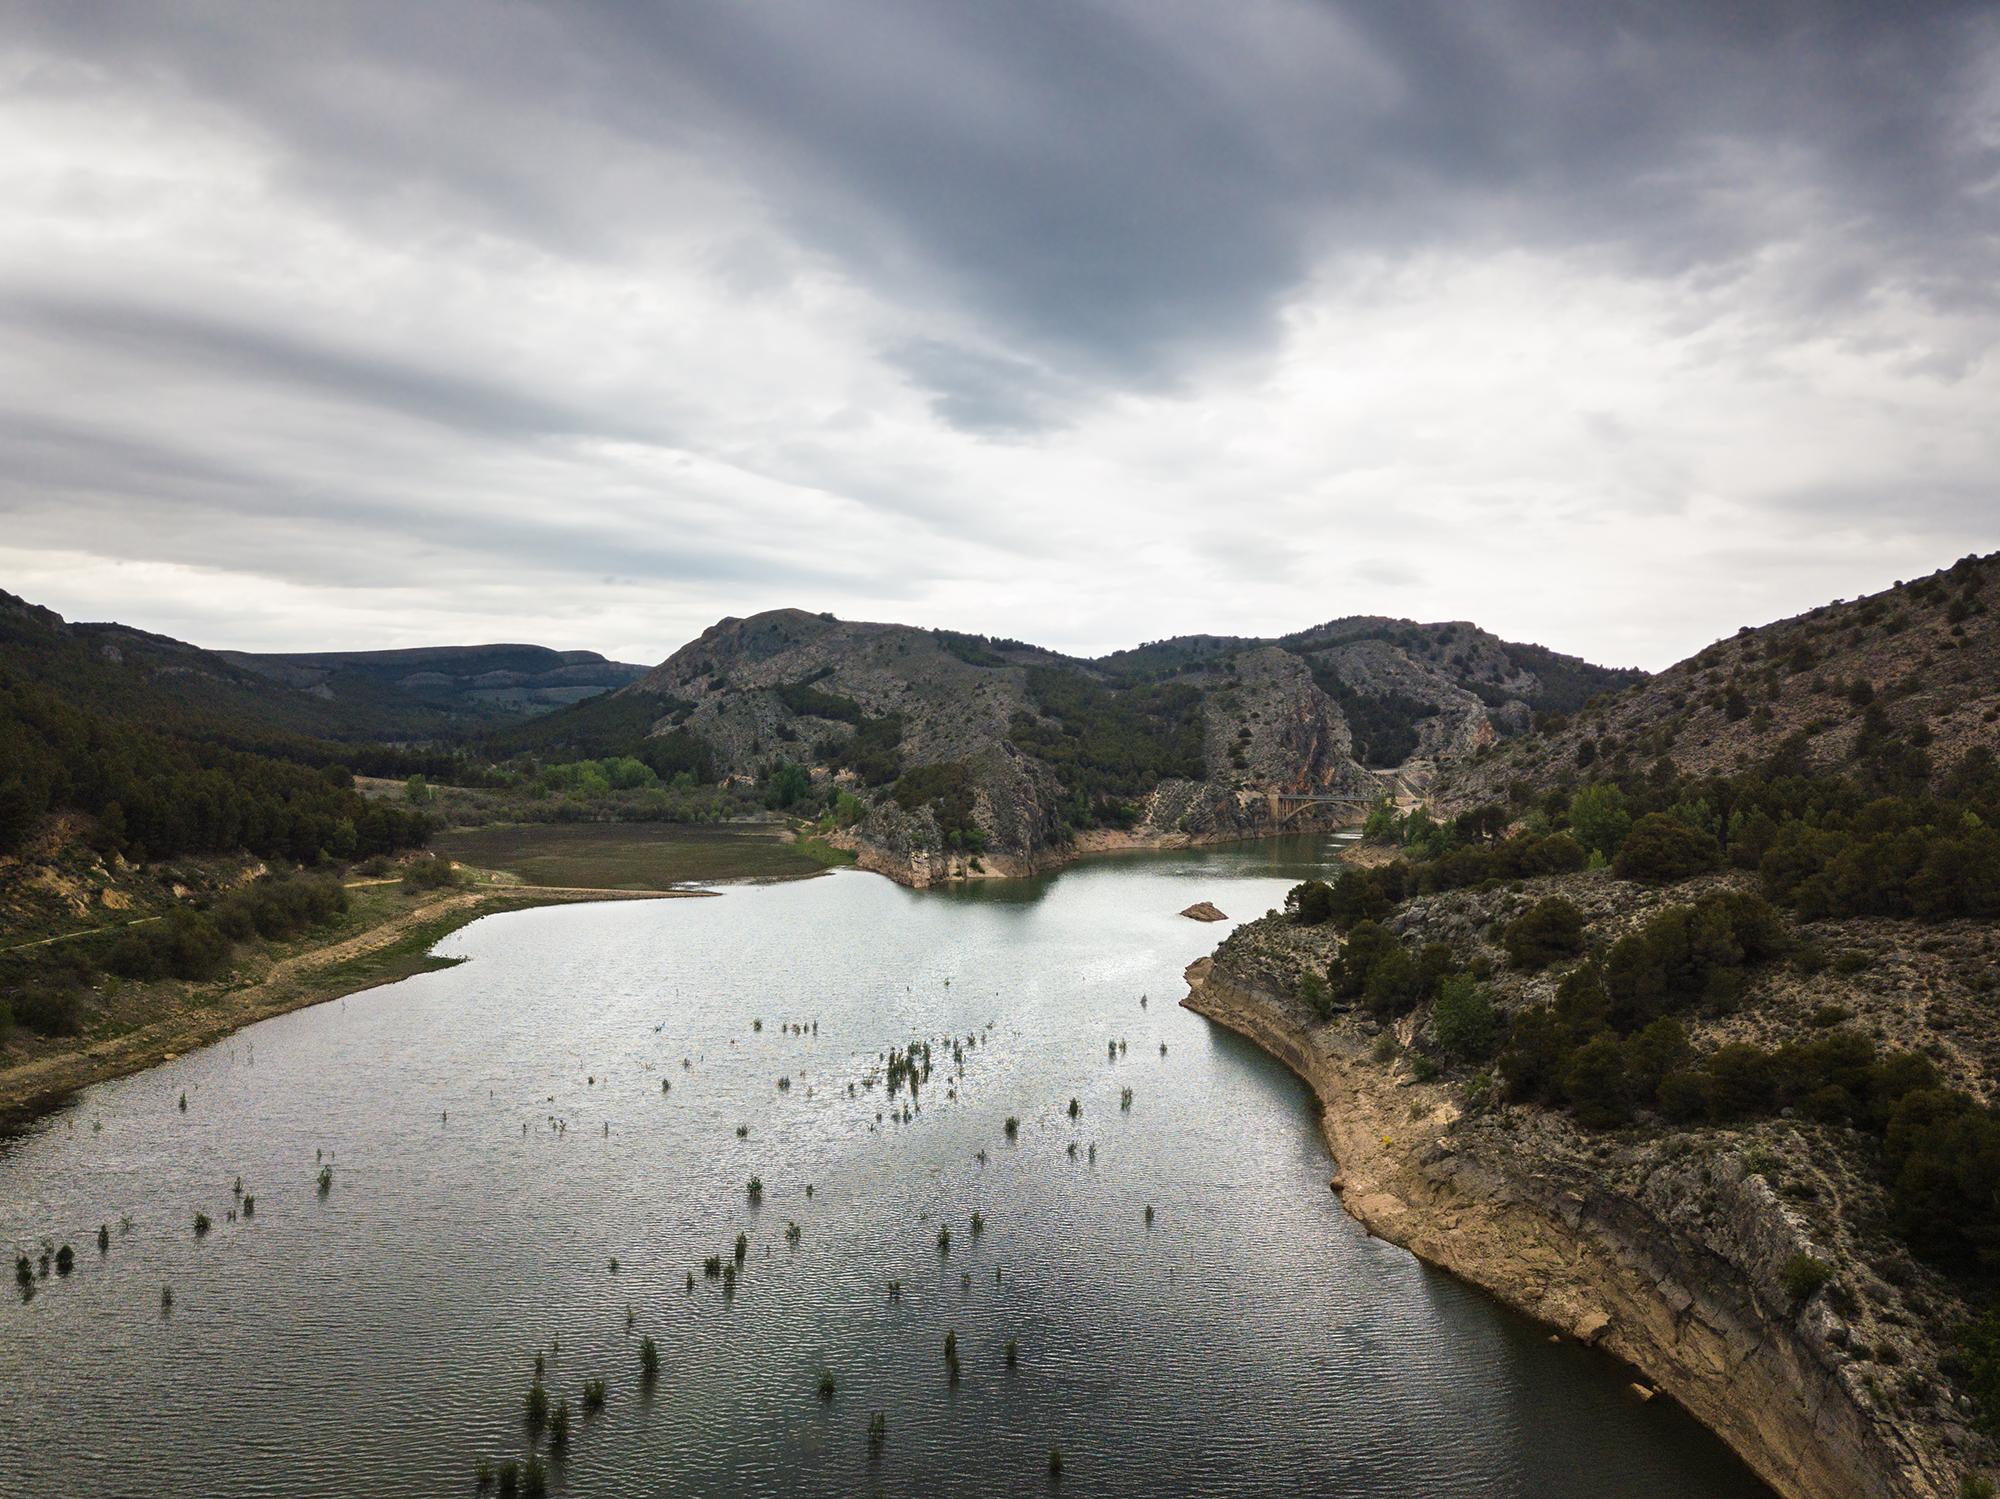 Embalse de La Tranquera reservoir in Aragon